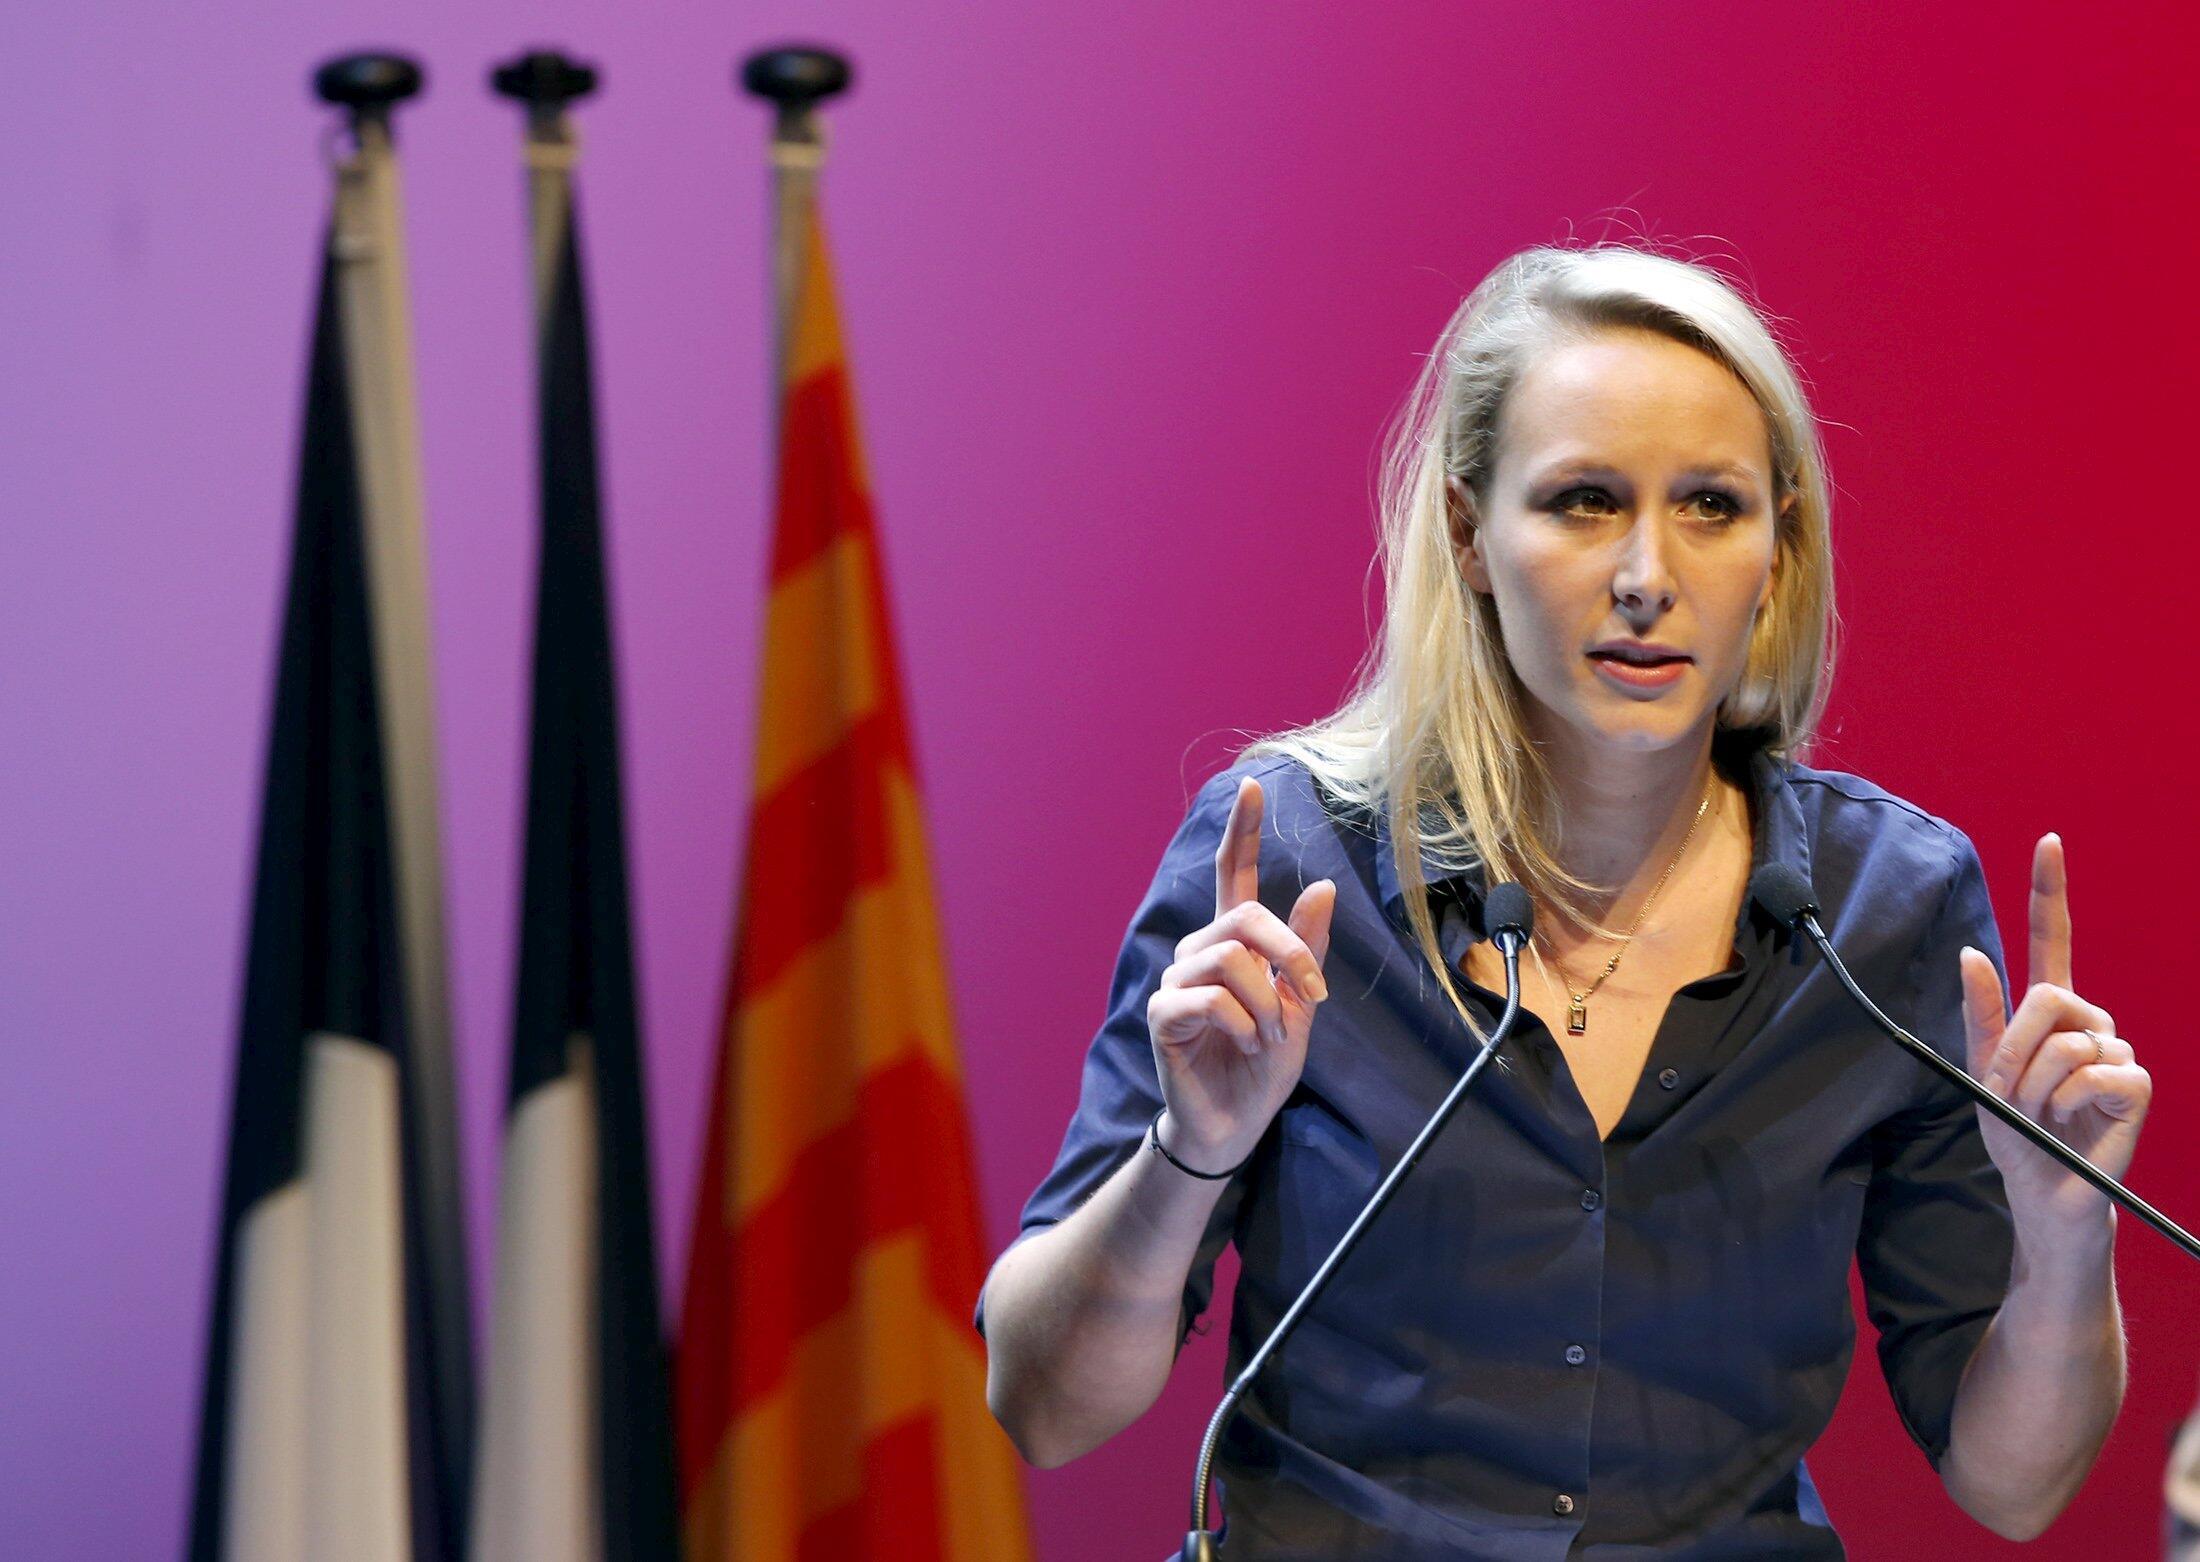 Журналисты отмечают, что Марион Марешаль-Ле Пен часто выбирает наряды демократичной марки Zara.